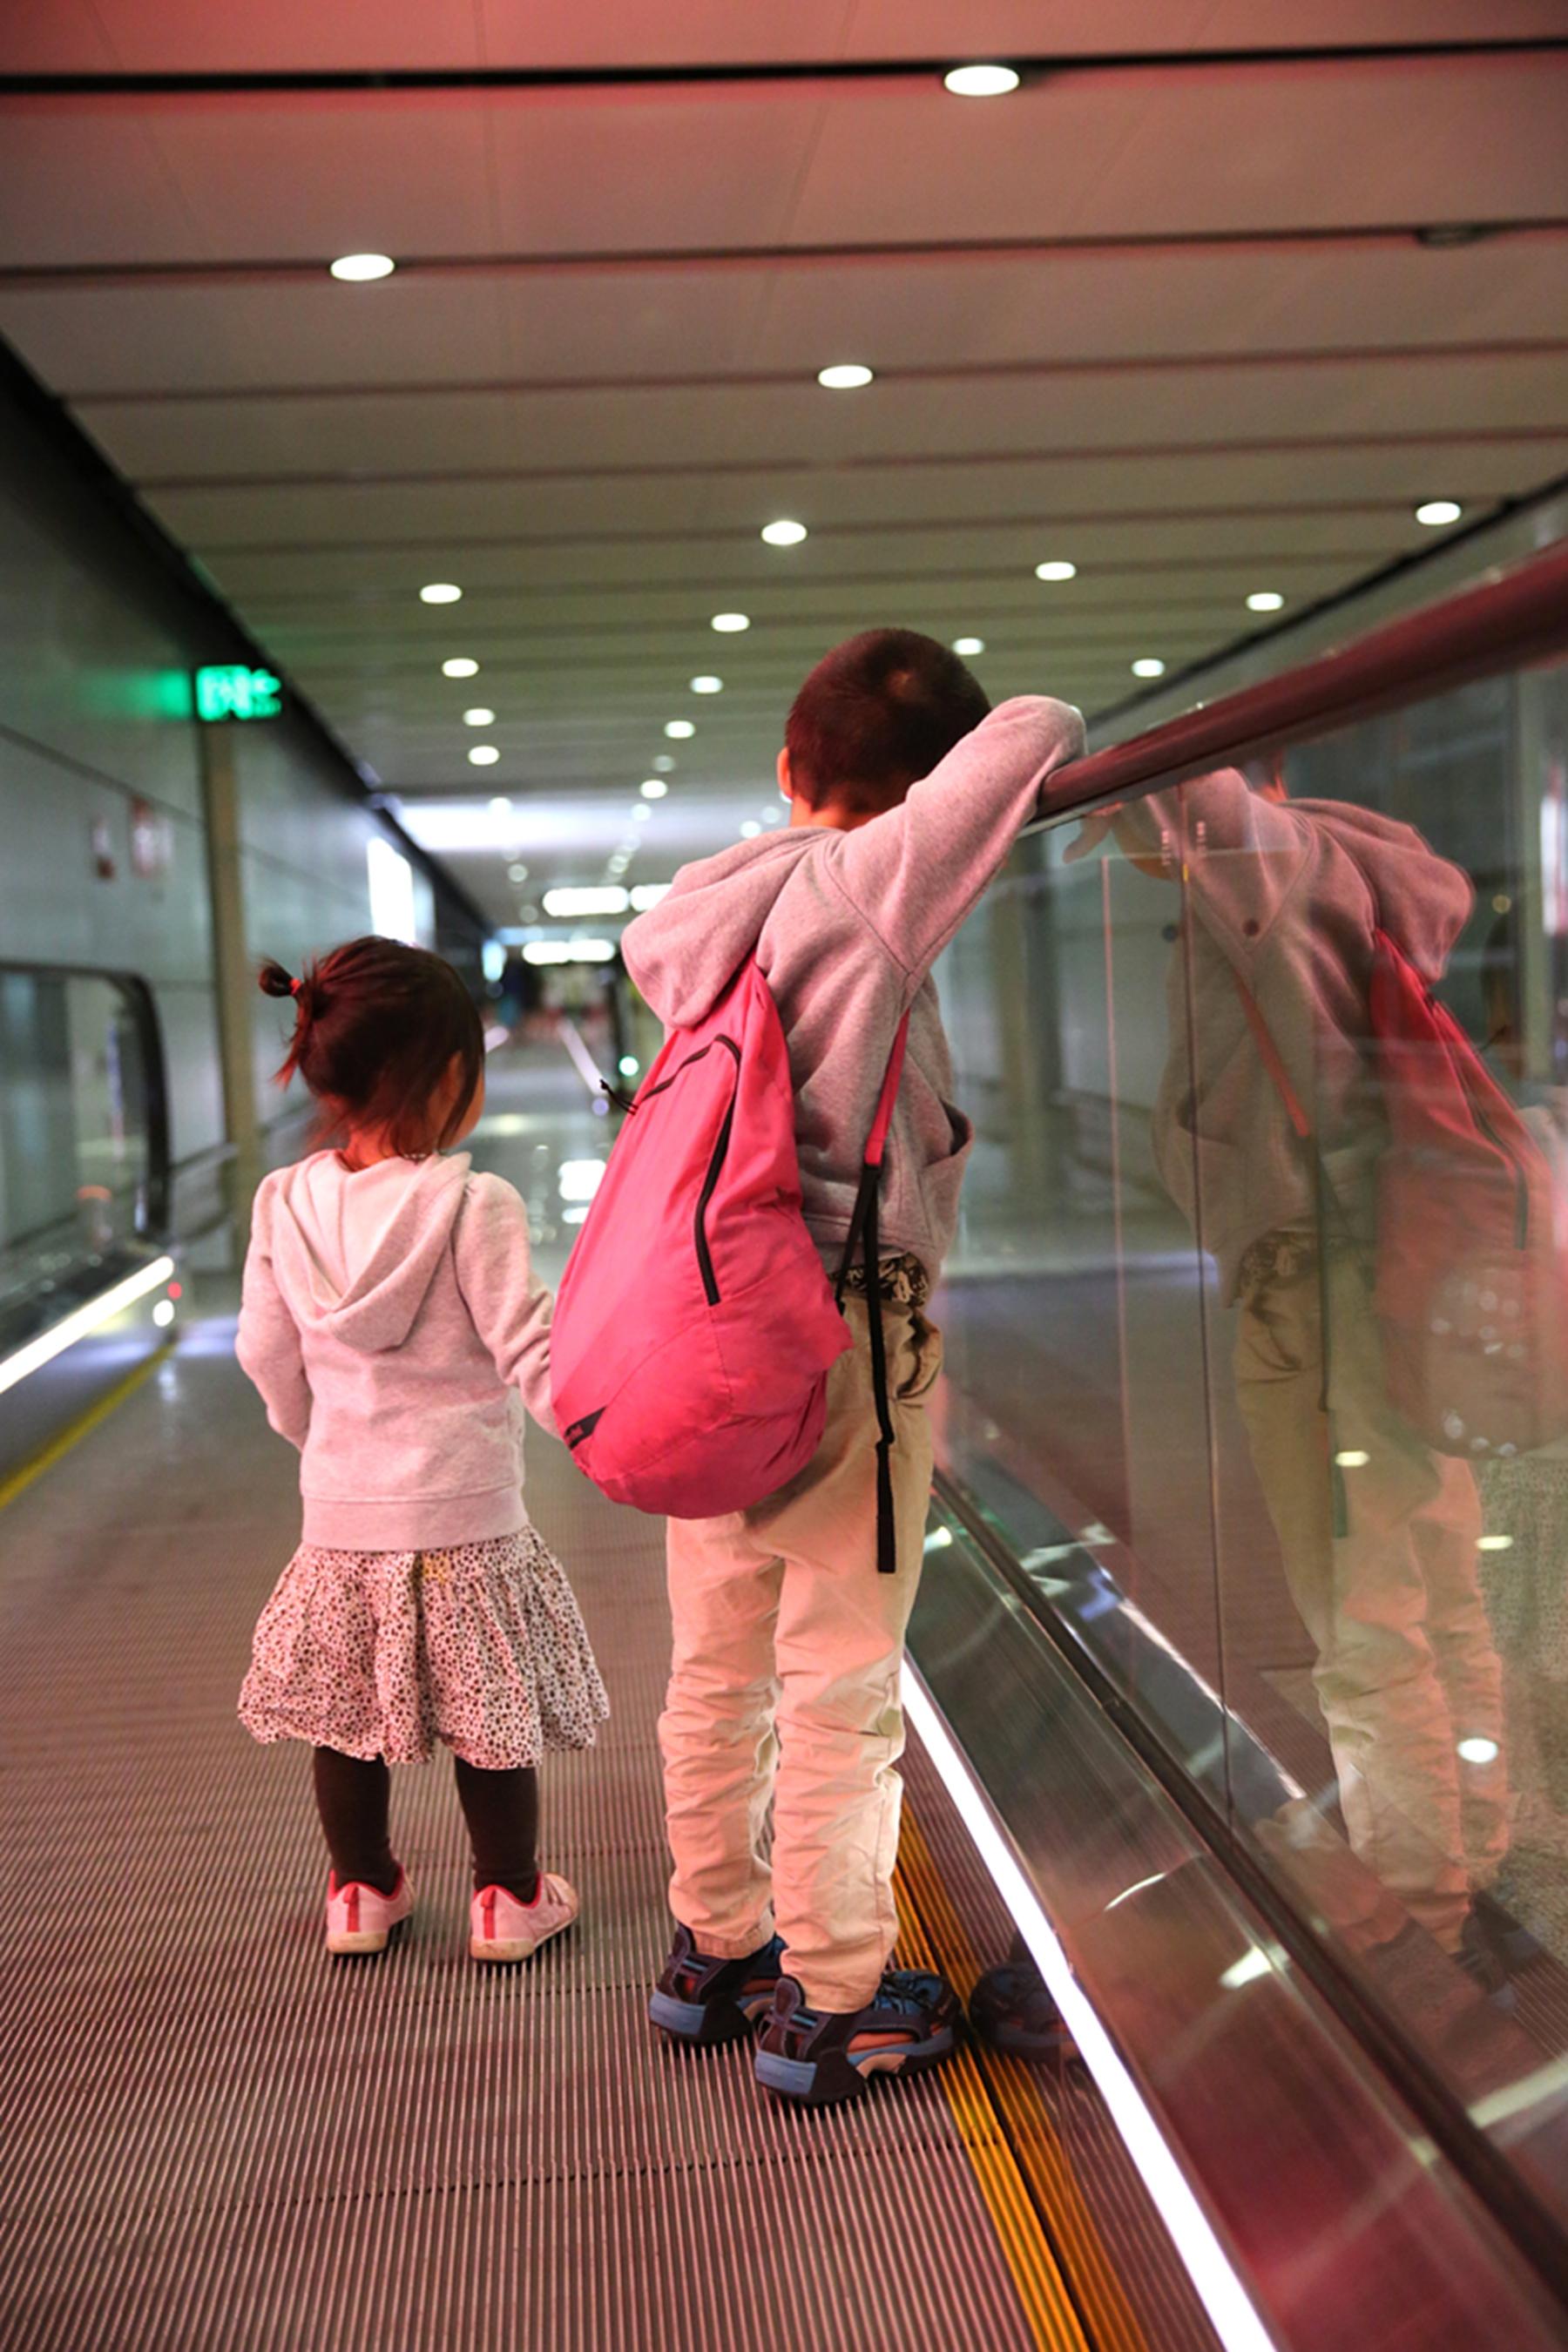 西双版纳31度,昆明晚间只有不到20度,上飞机时小西穿着裙子,下飞机便